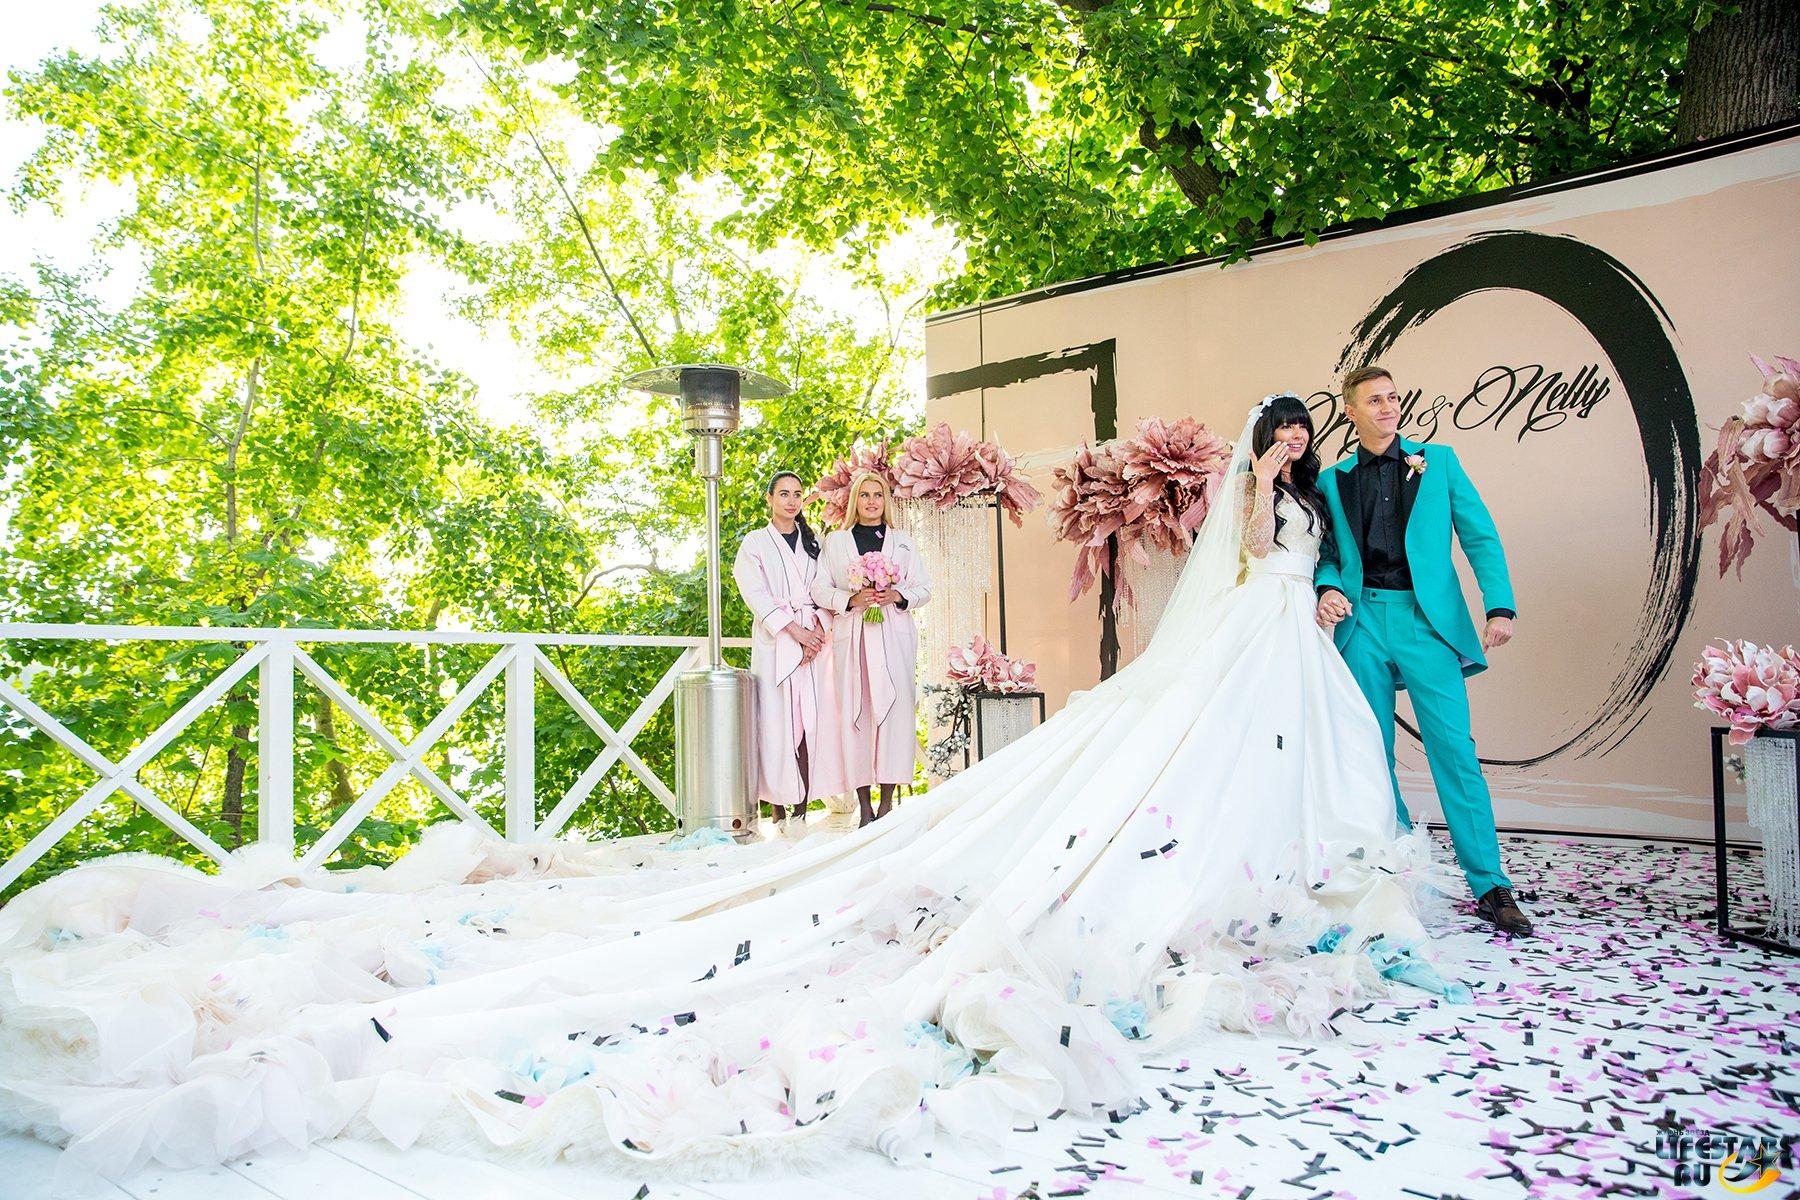 Свадьба нелли ермолаева кирилла андреева фото свадьбы